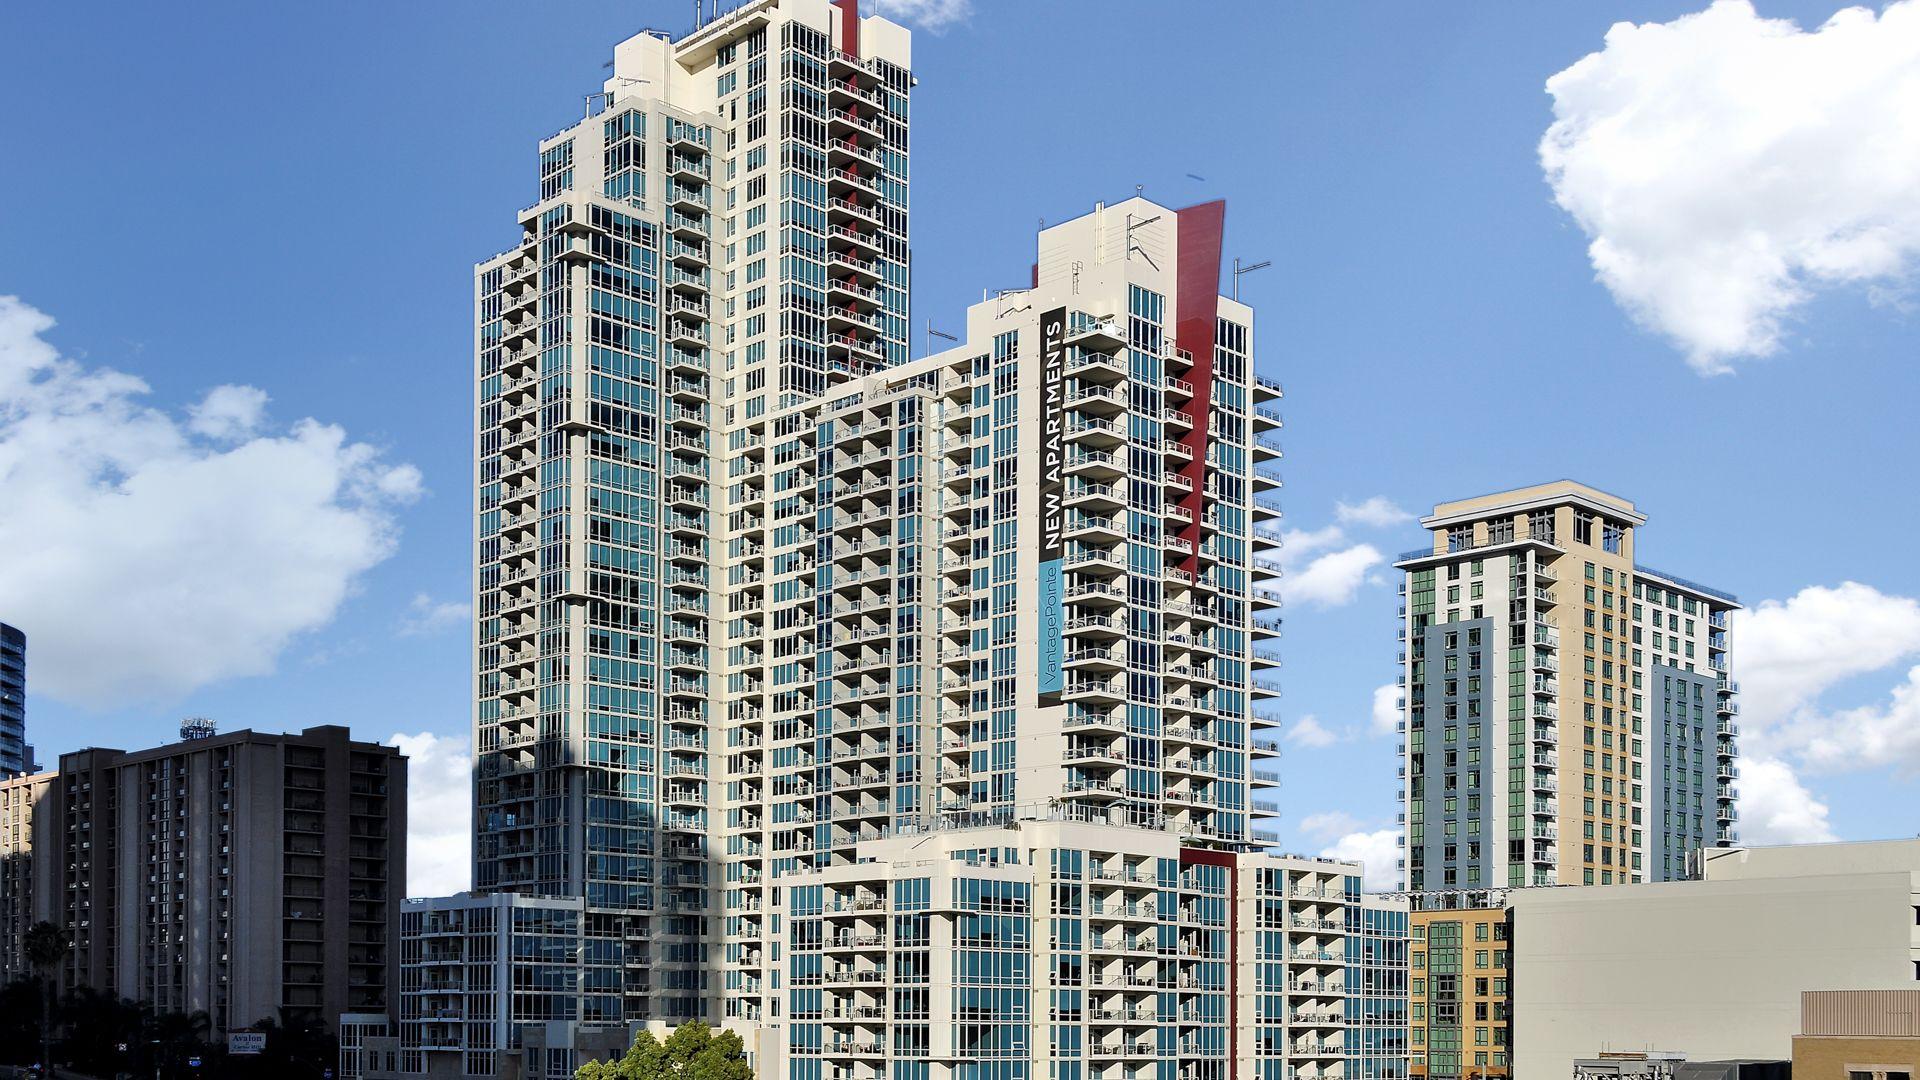 Vantage Pointe Apartments - Building